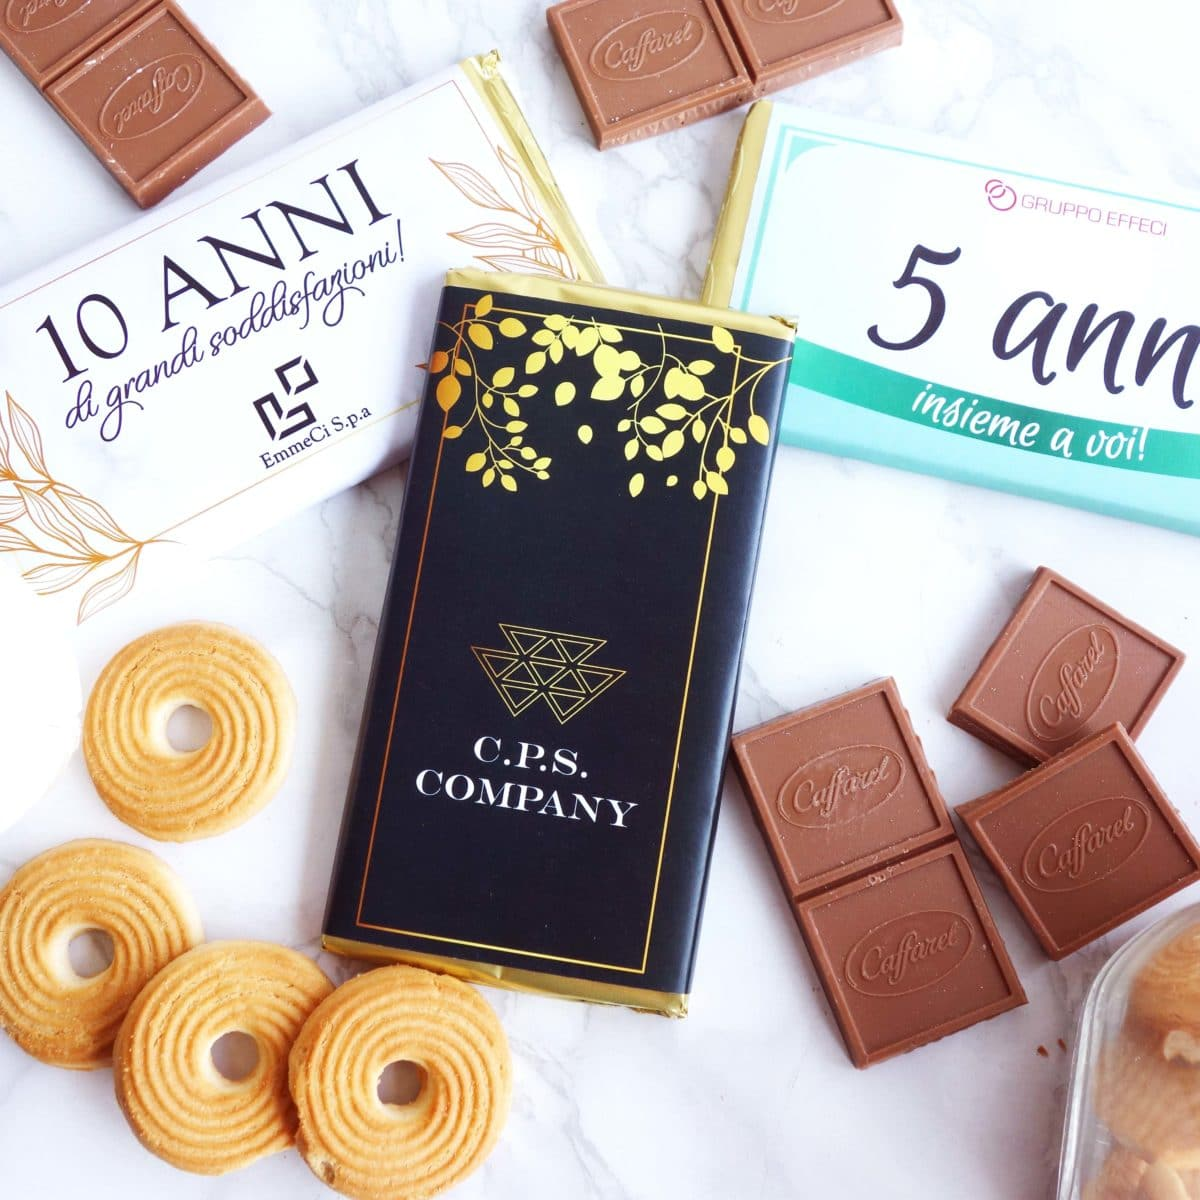 cioccolata-personalizzata-logo-regalo-aziendale